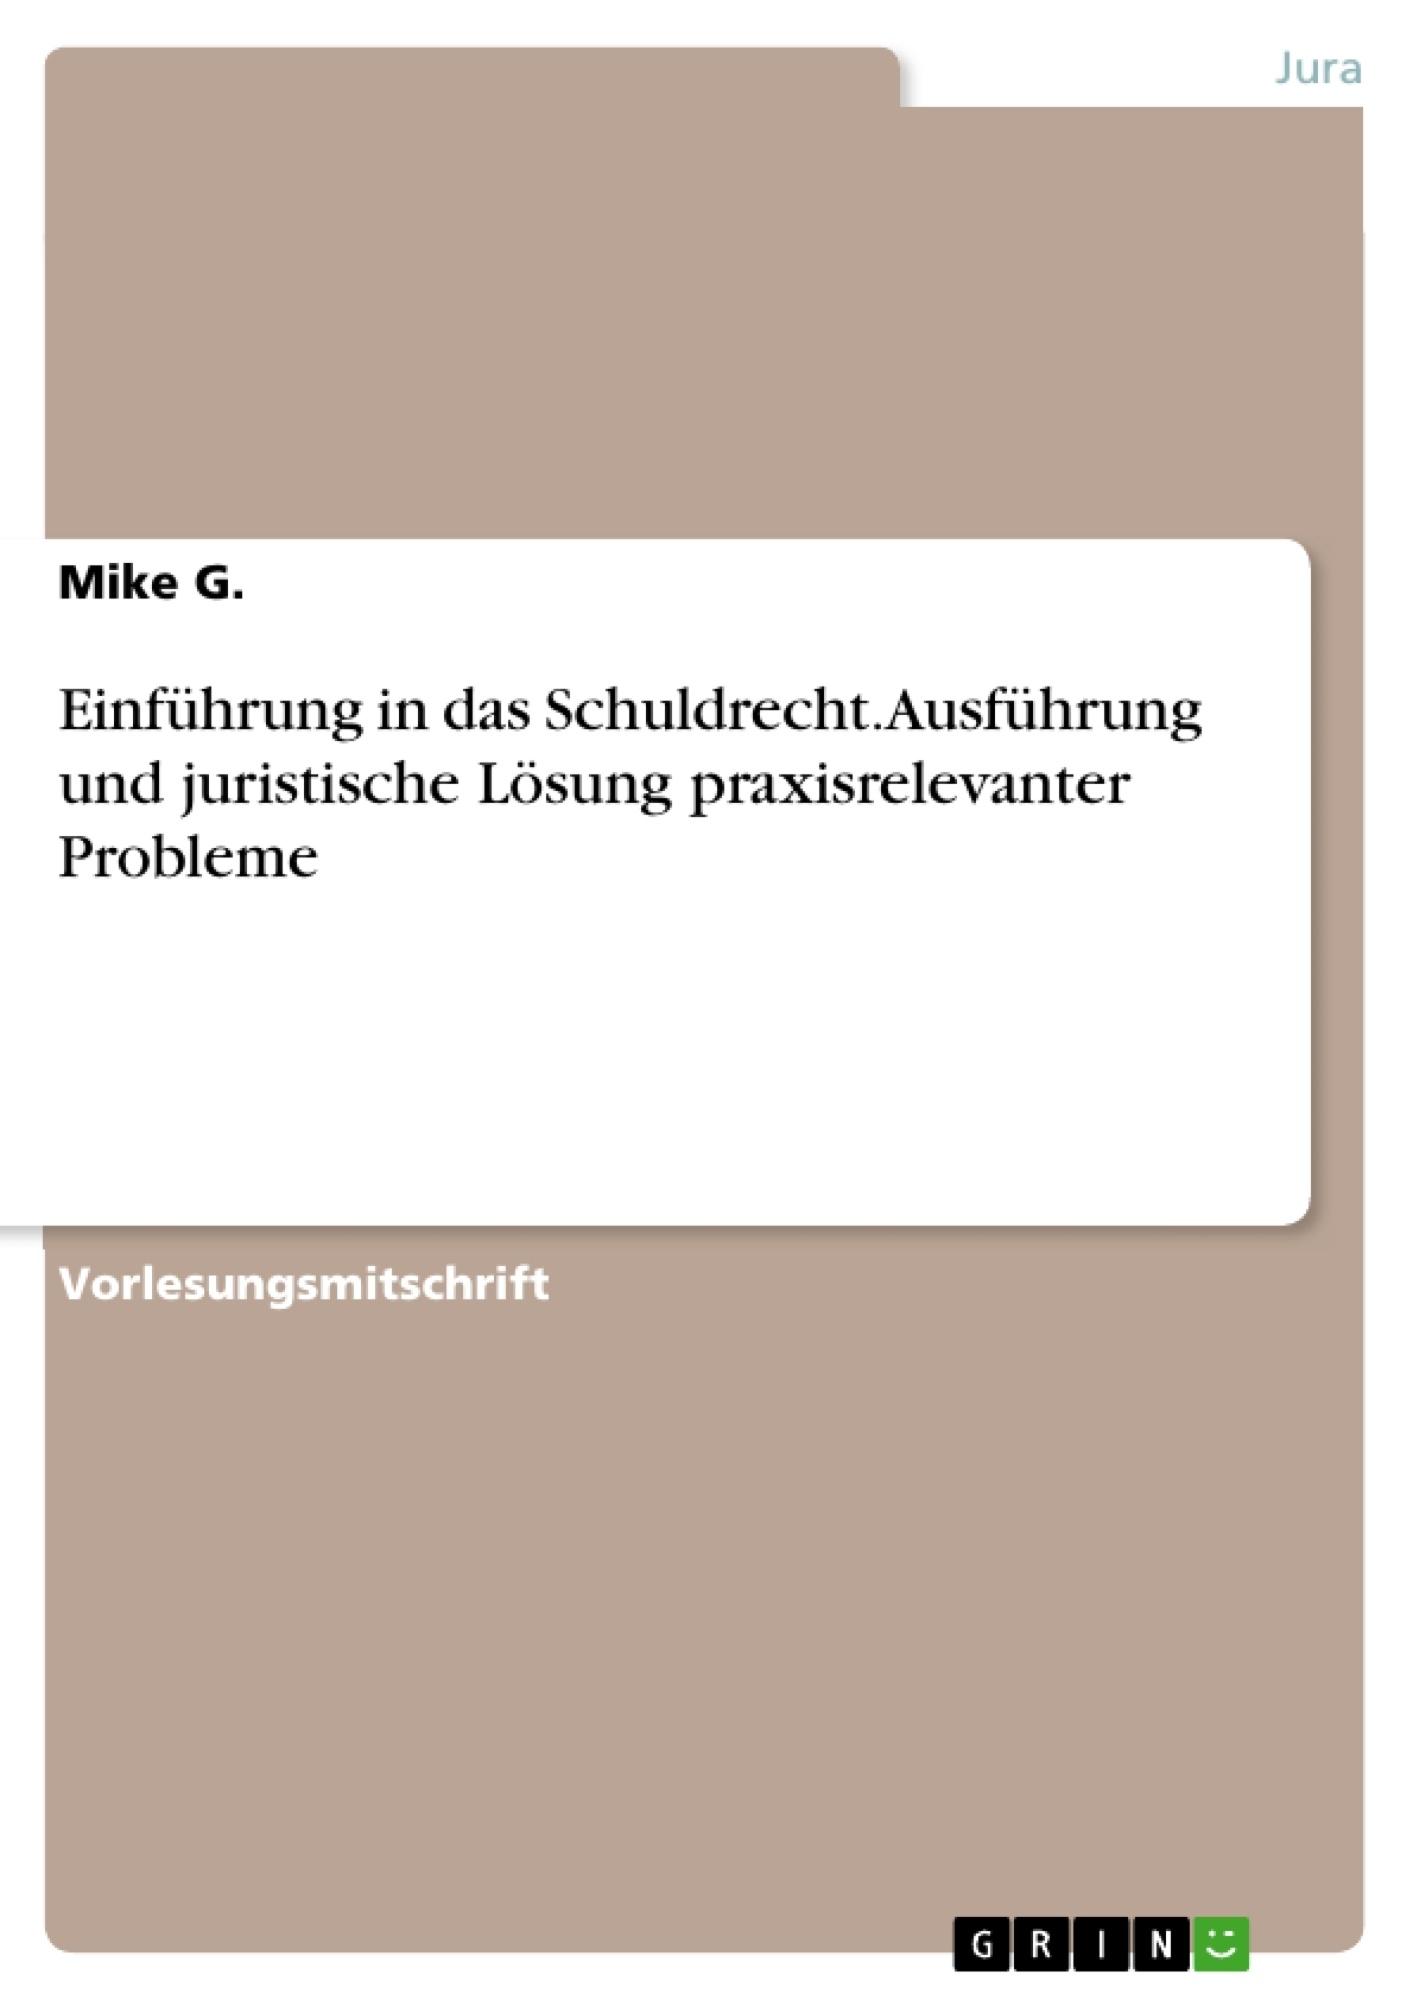 Titel: Einführung in das Schuldrecht. Ausführung und juristische Lösung praxisrelevanter Probleme